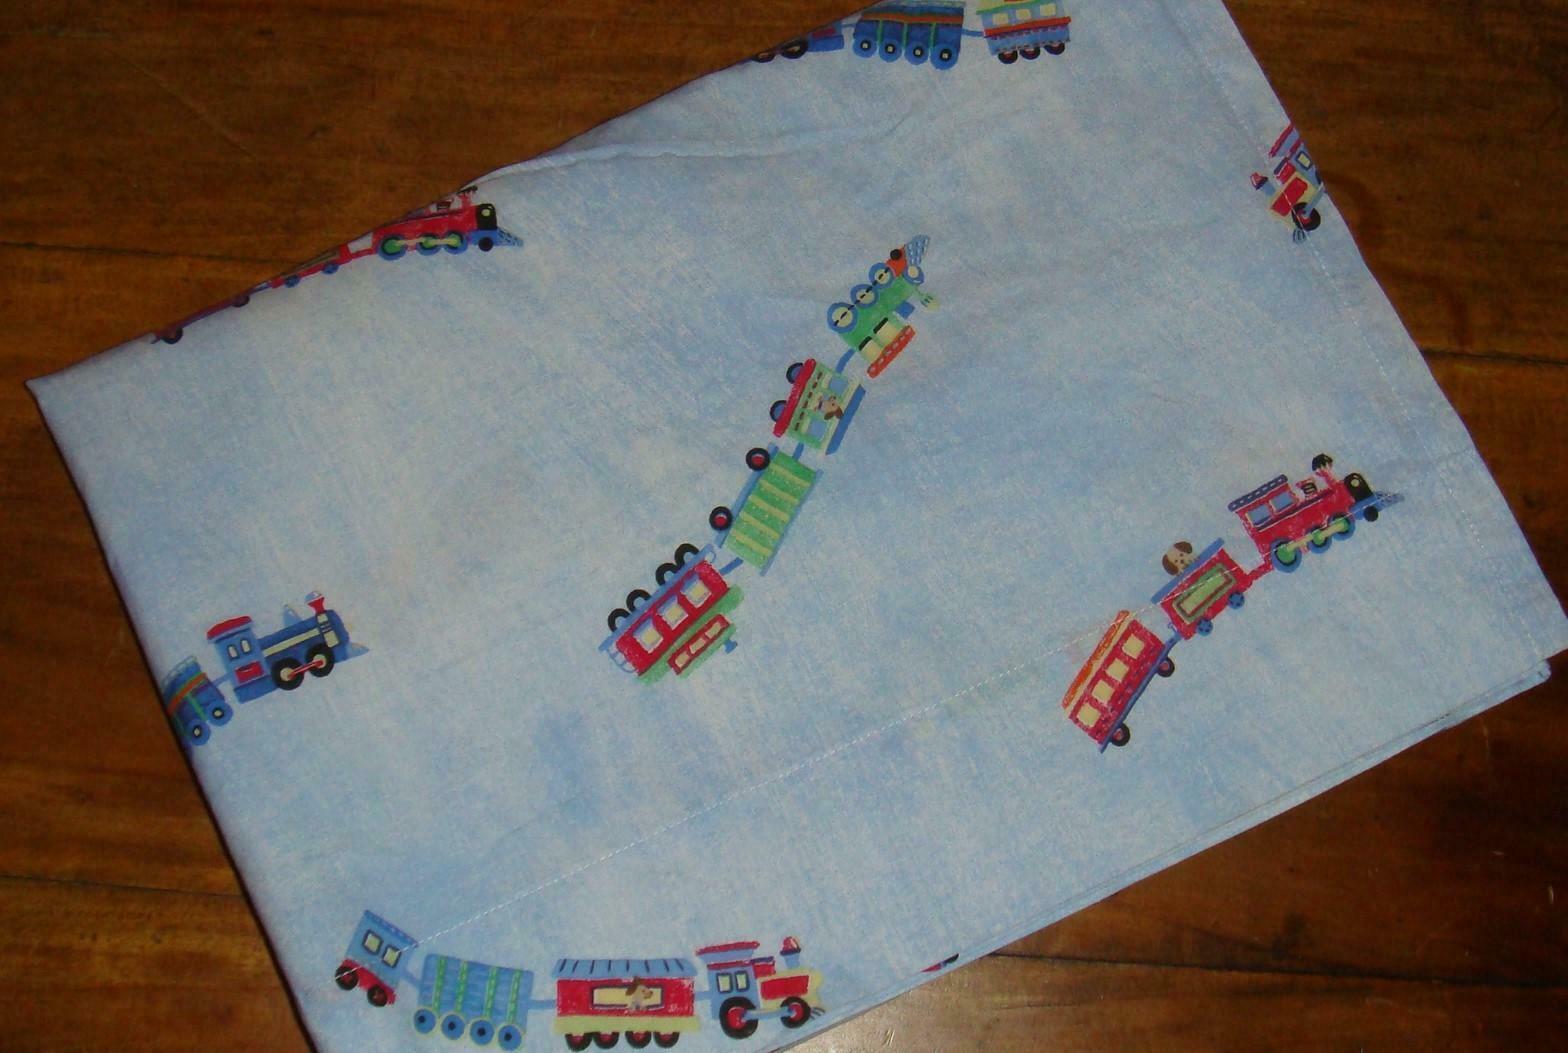 Skirt NEW POTTERY BARN KIDS HAYLEY 5-PC NURSERY SET: Quilt Sheet Sham Bumper